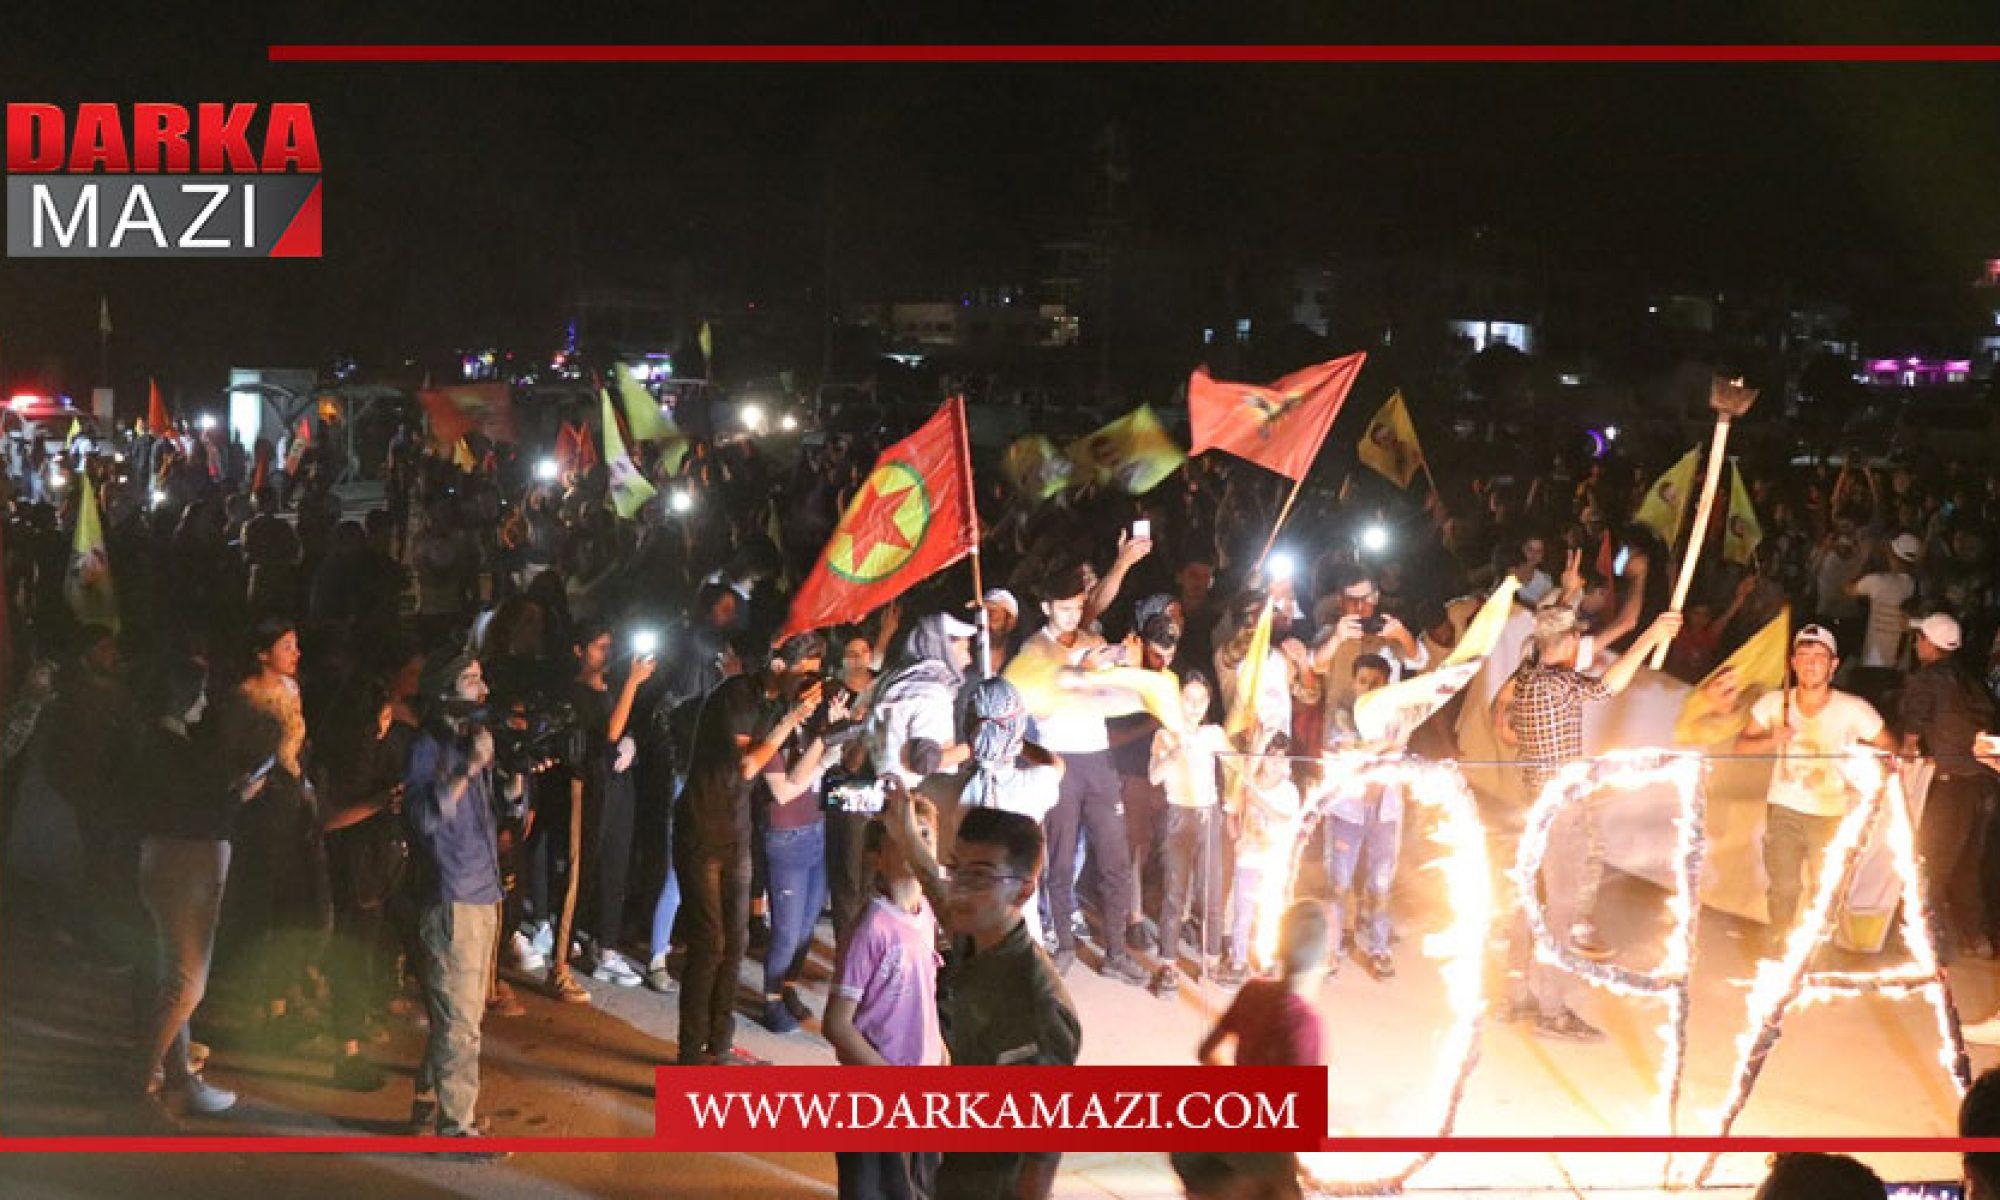 Gündem sapması: Bizans'da meleklerin cinsiyeti, Rojava'da Öcalan'ın özgürlüğü